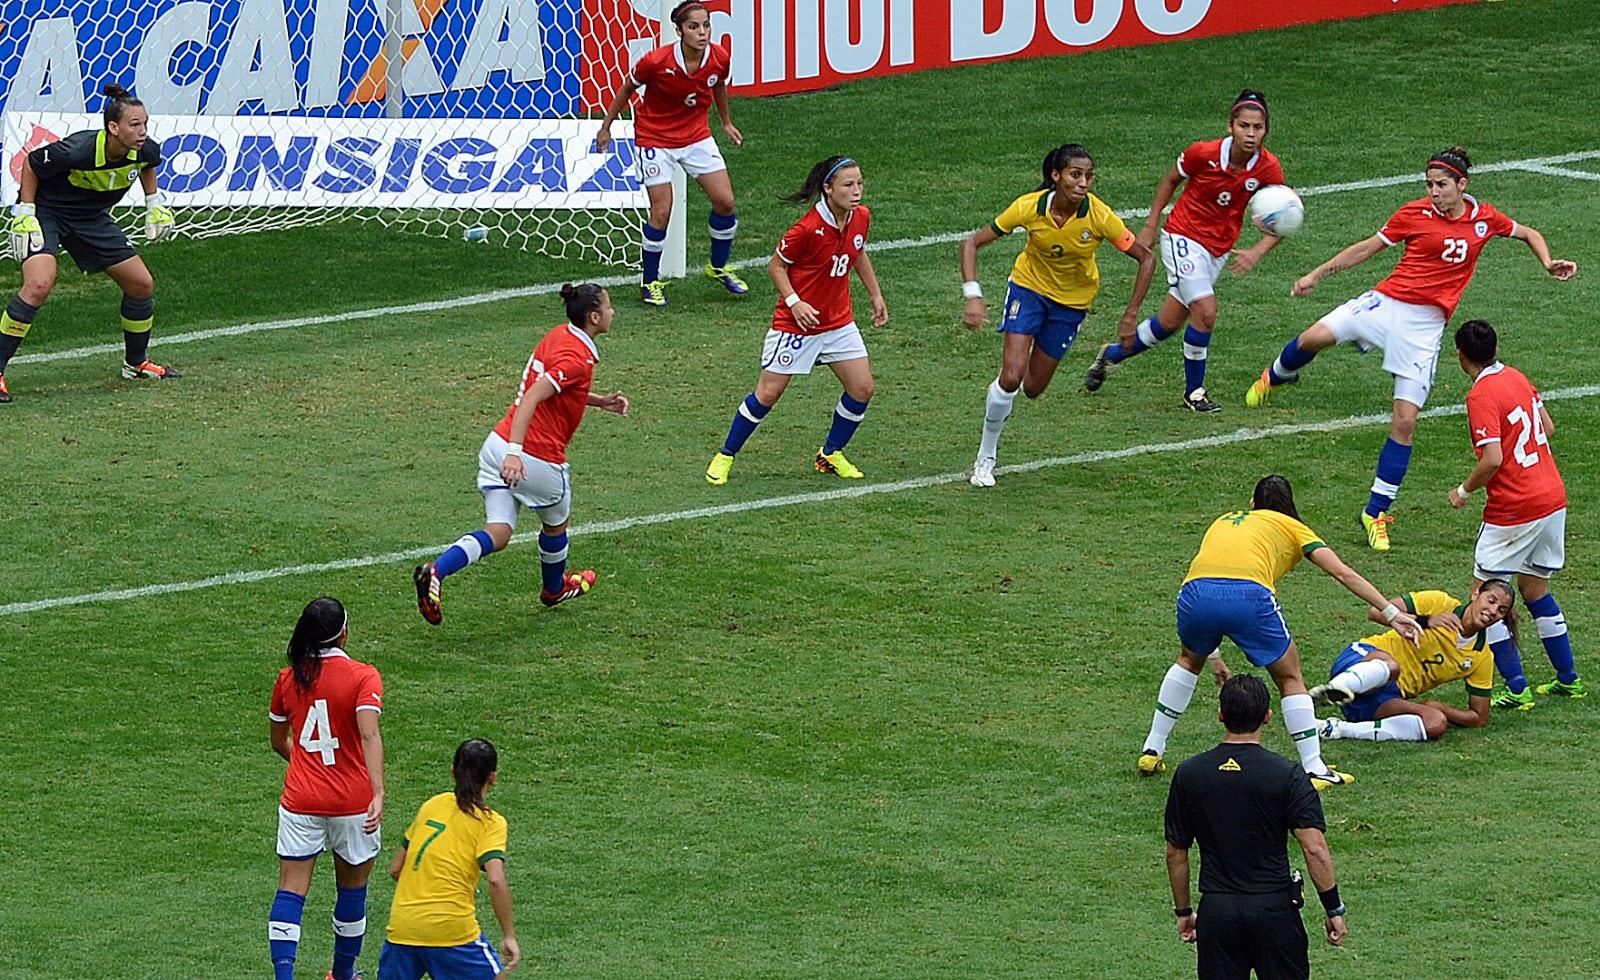 Brasil y Chile en Torneio Internacional de Brasília 2013, 22 de diciembre